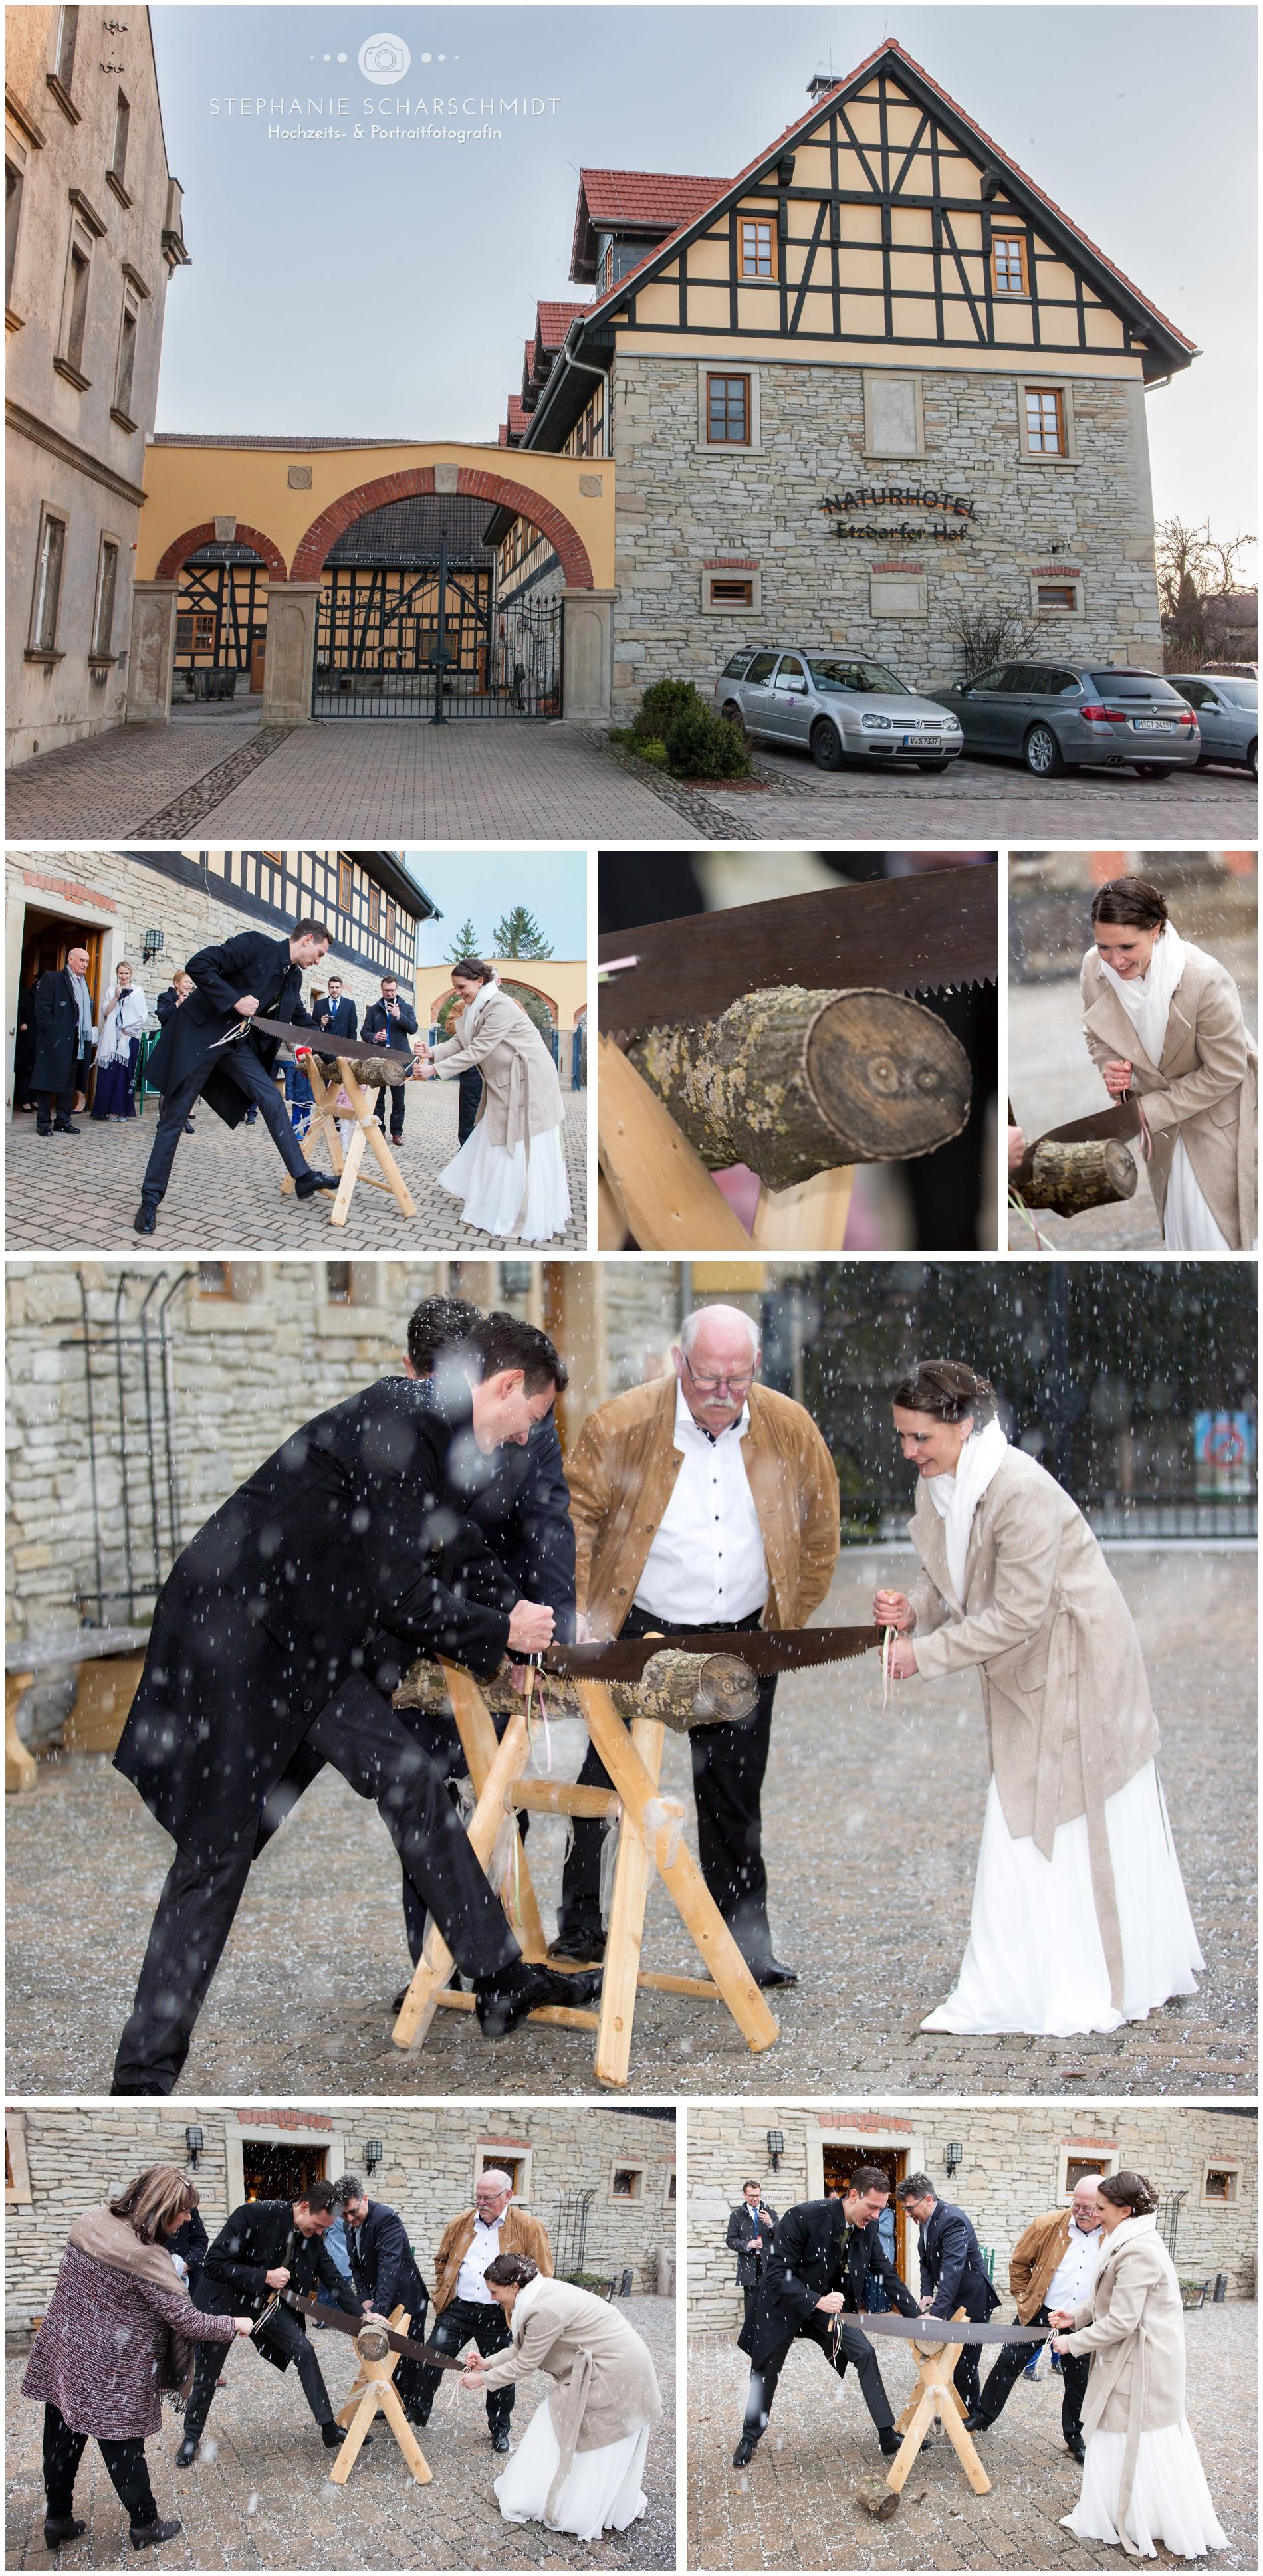 07 - Hochzeitsbräuche – Hochzeitsfotograf Gera – Winterhochzeit Gera – Hochzeitsfotografin Stephanie Scharschmidt